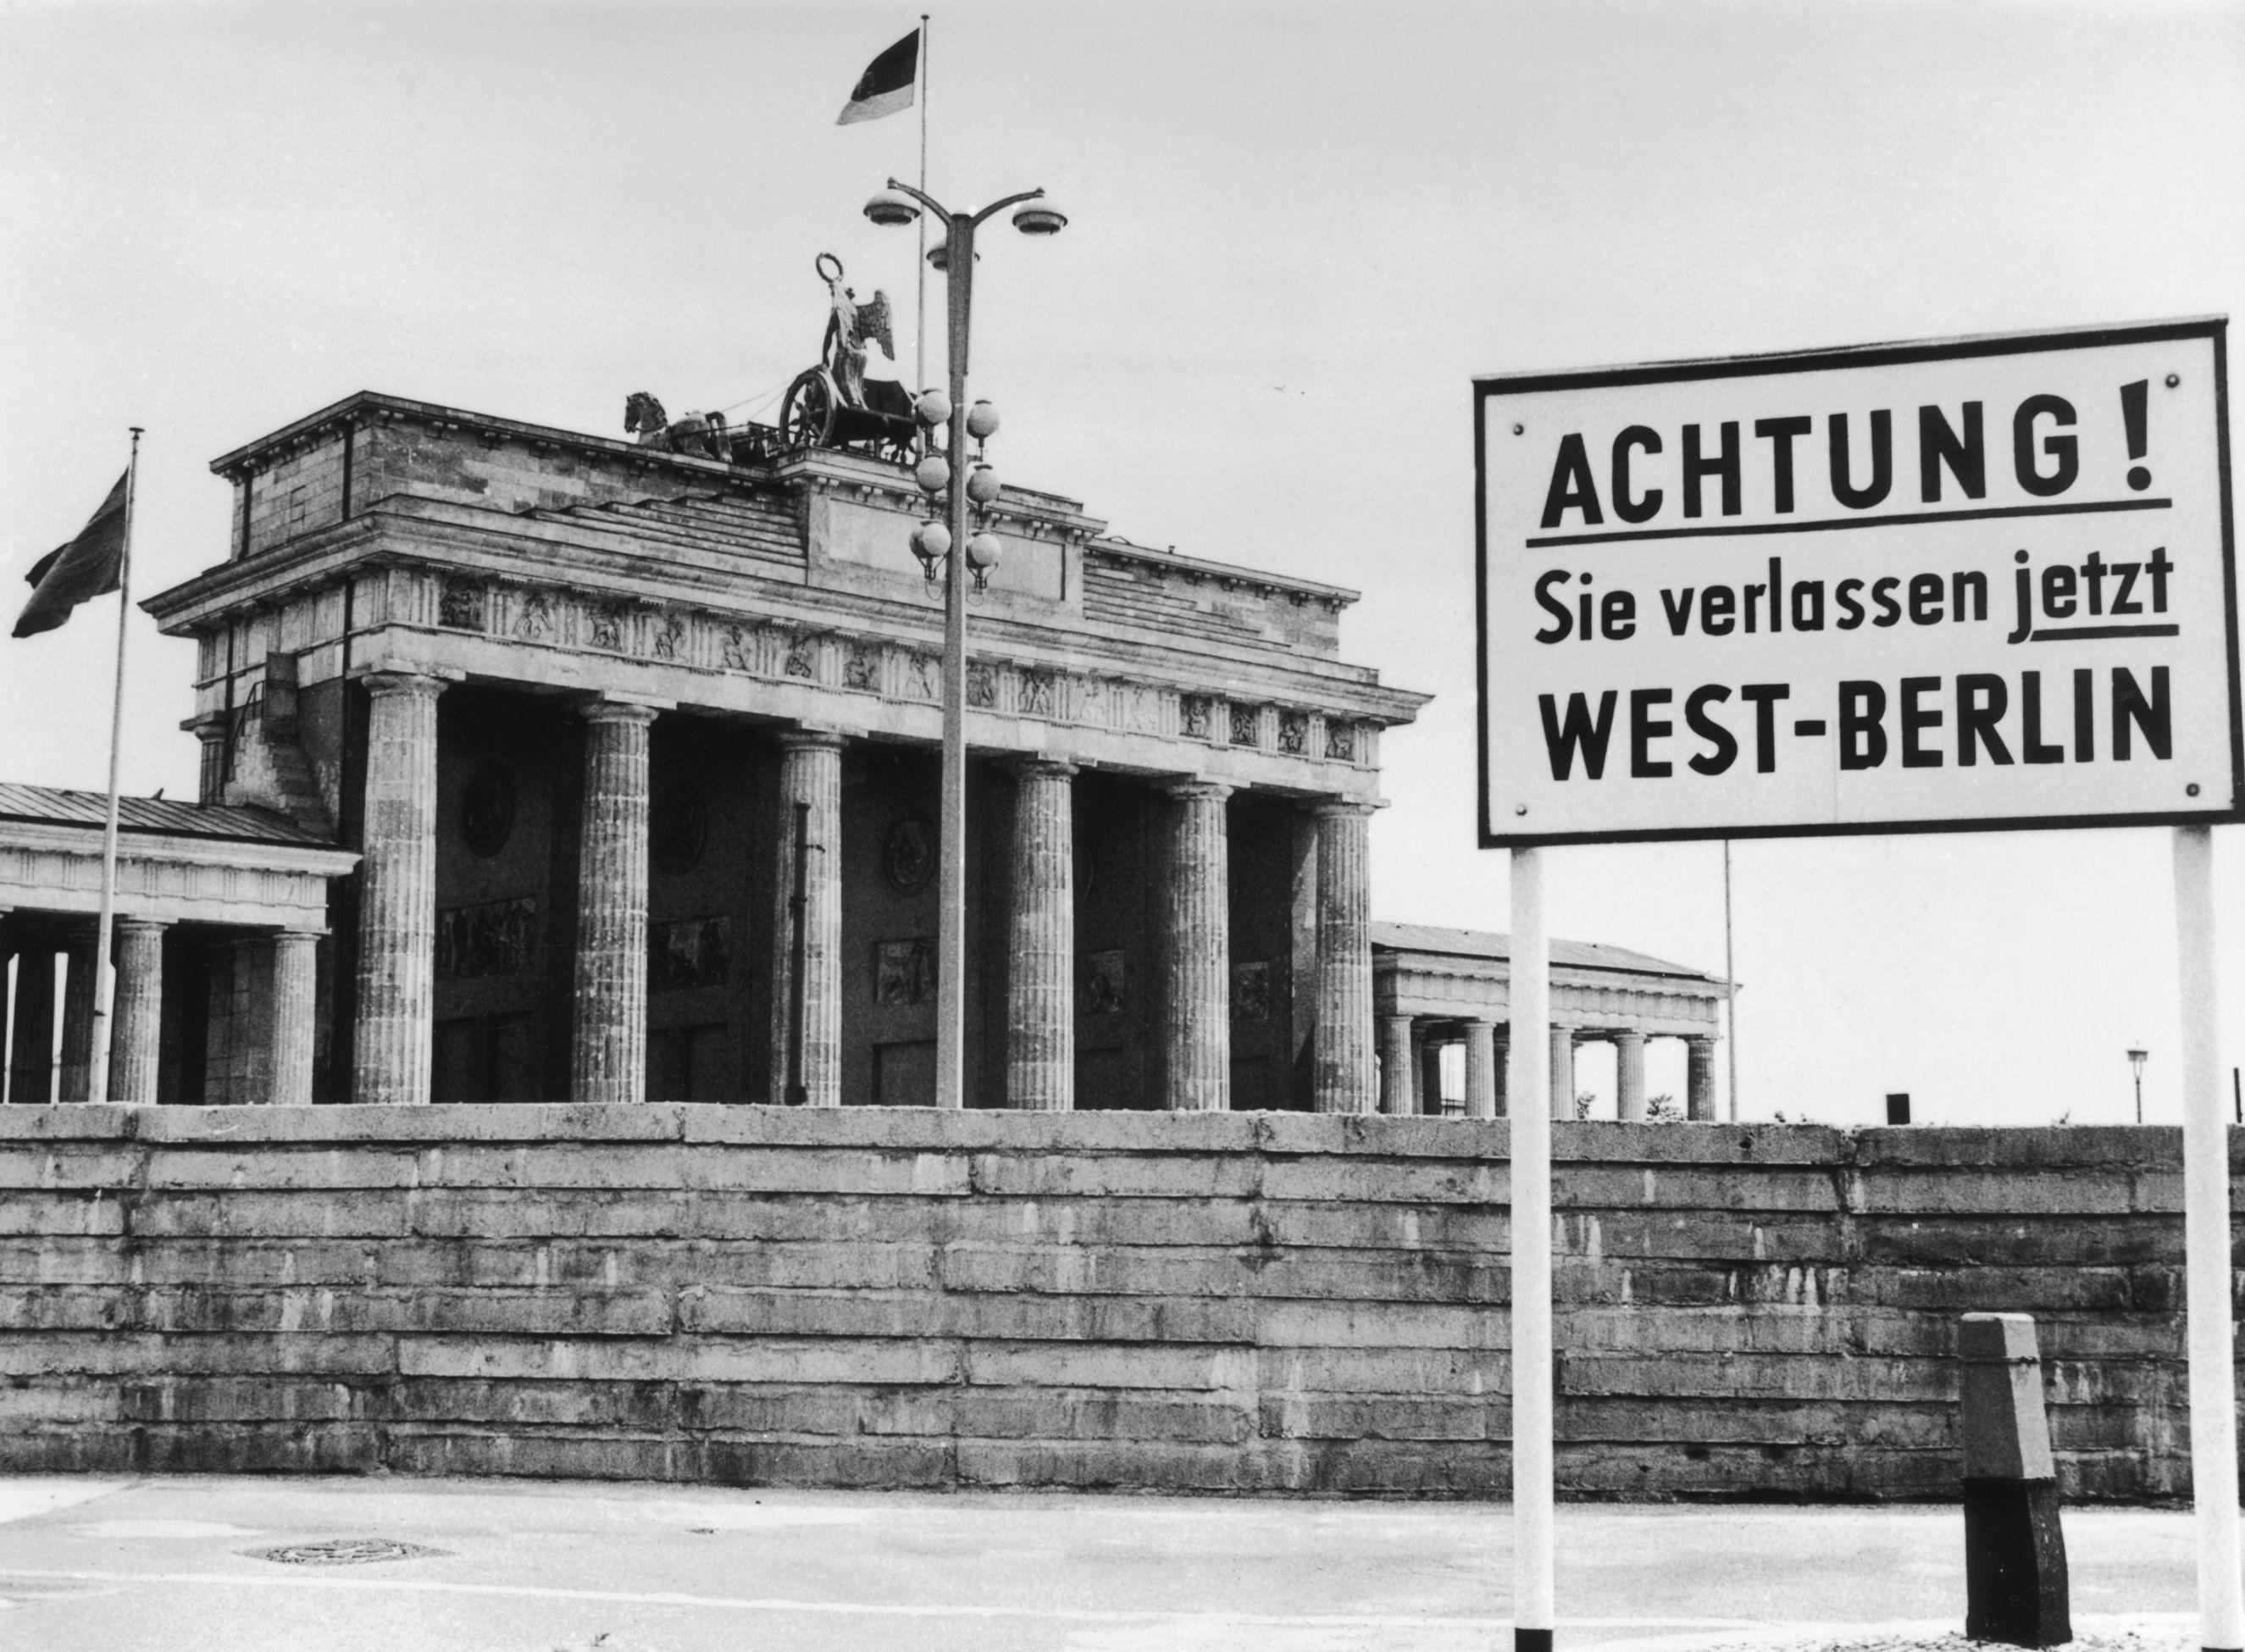 Die Berliner Mauer Die Vorher Nachher Galerie Berlin Berliner Mauer Historische Bilder